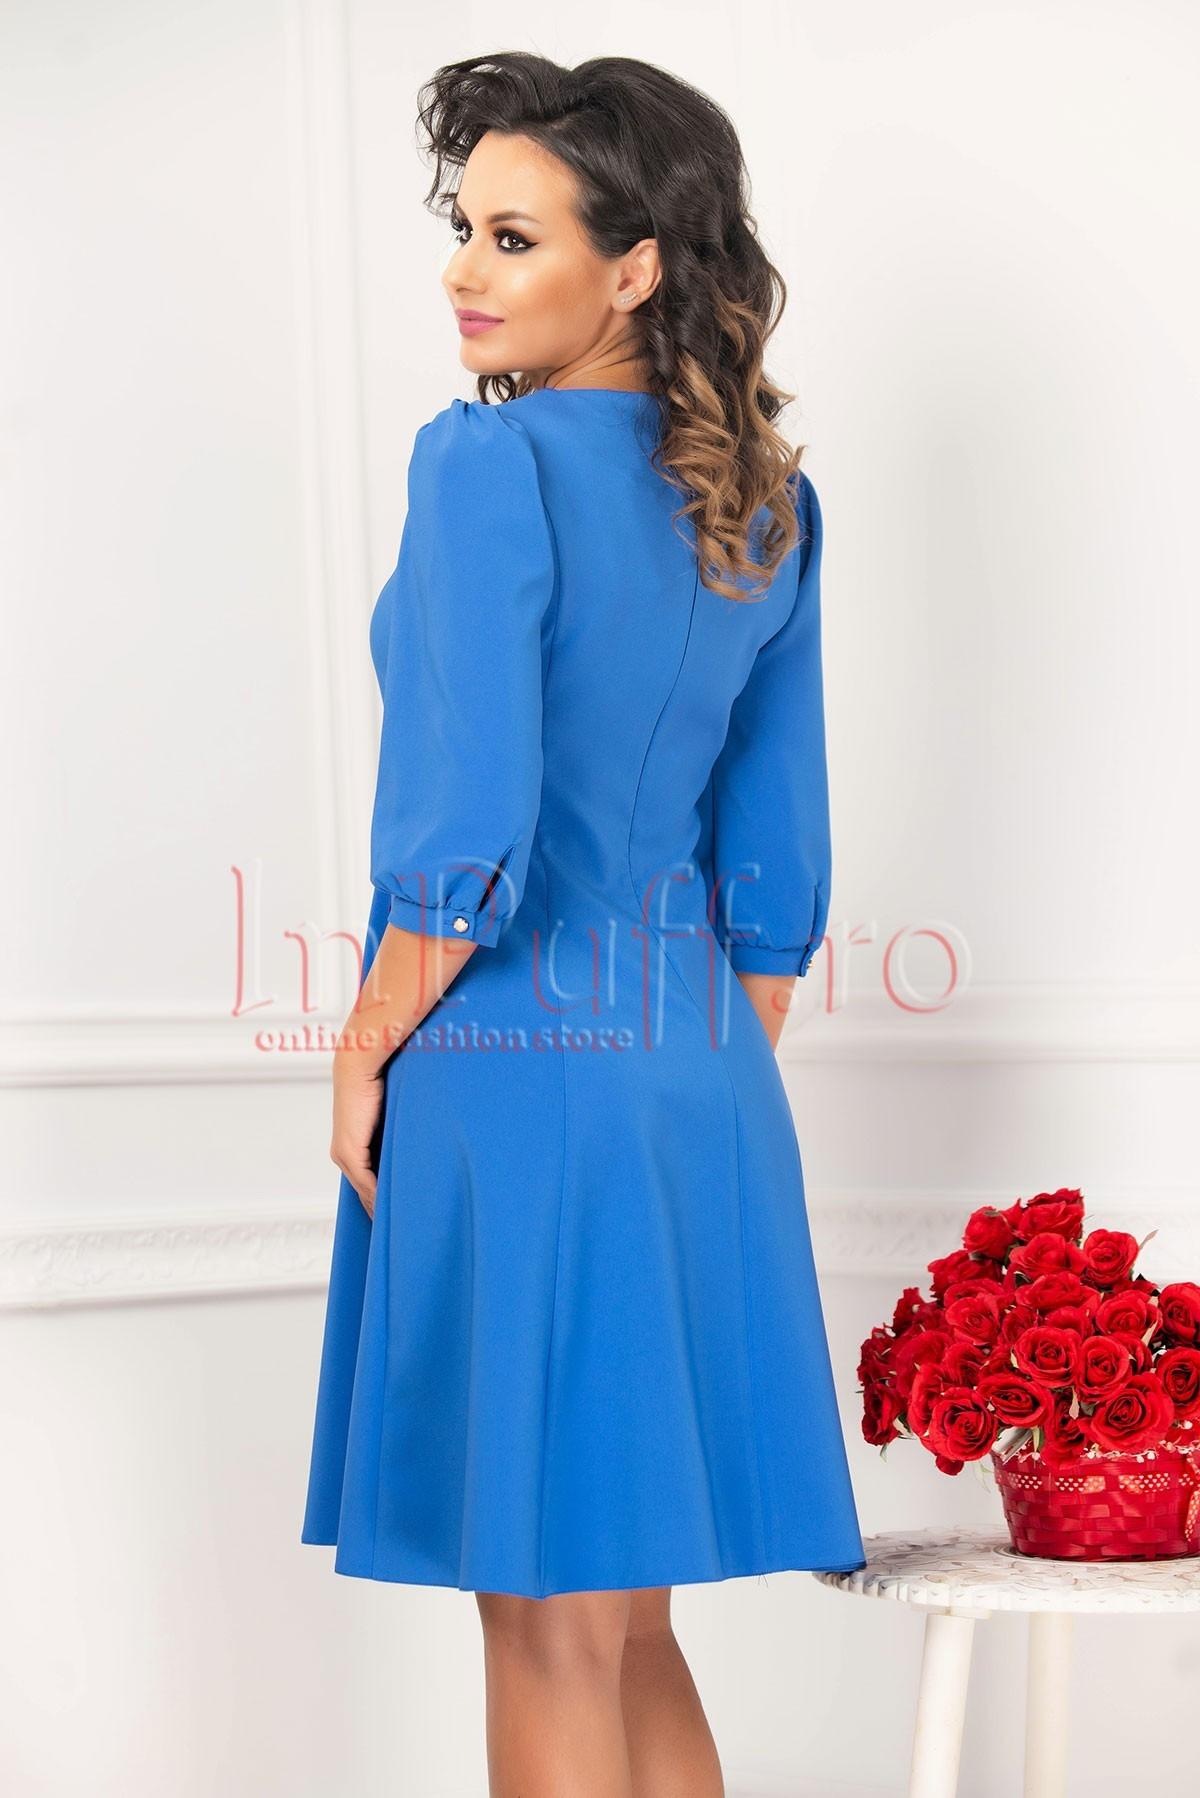 Rochie albastra cu maneci bufante si insertie florala